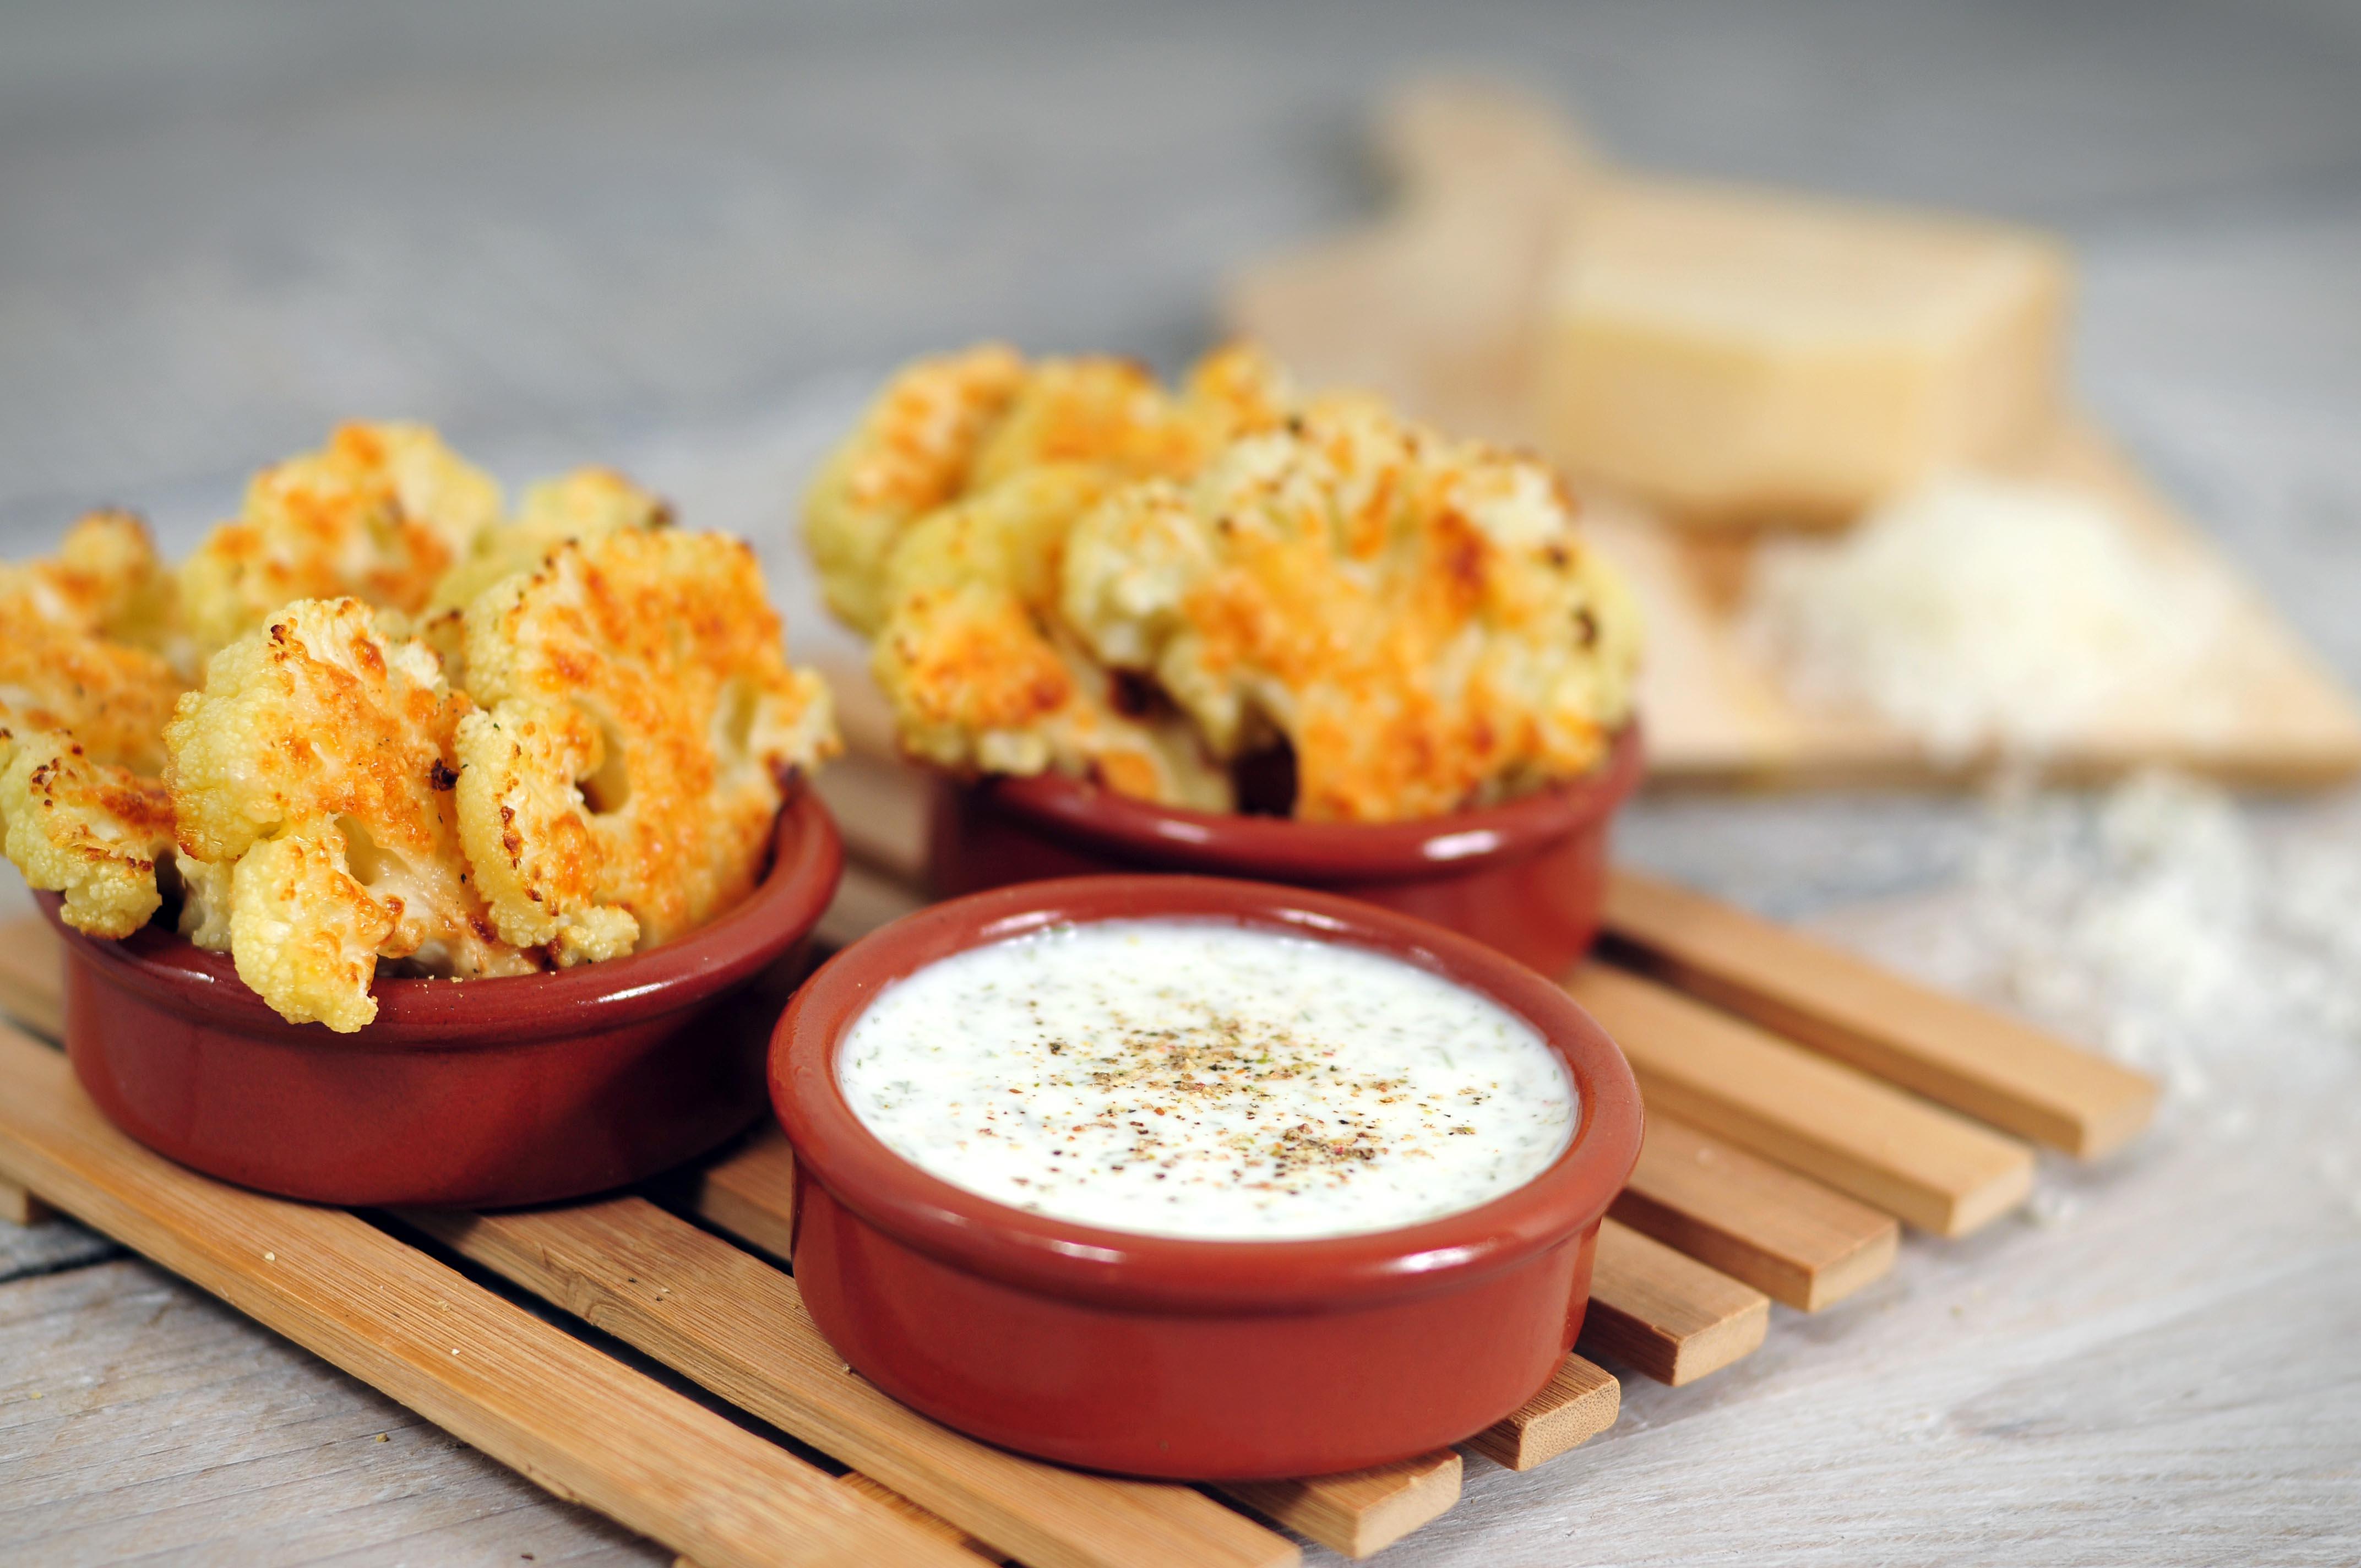 Gegrilde bloemkoolroosjes met parmezaanse kaas en yoghurt dip